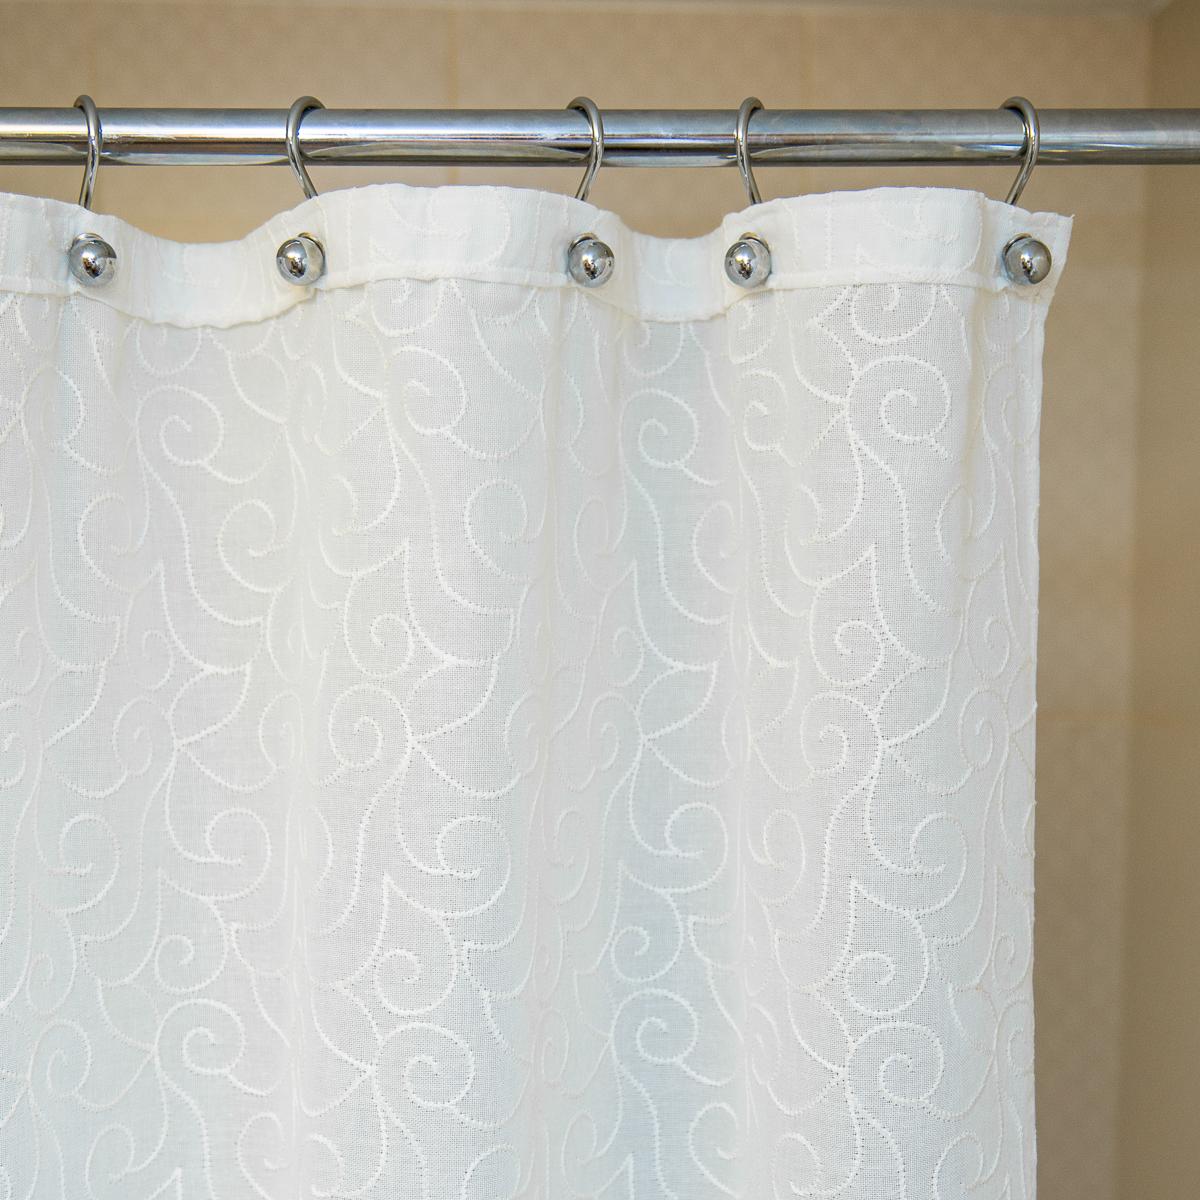 Шторки Элитная шторка для ванной 180х200 Embroidery 2555 Mix C. One от Arti-Deco elitnaya-shtorka-dlya-vannoy-180h200-embroidery-2555-mix-c-one-ot-arti-deco-ispaniya.jpg